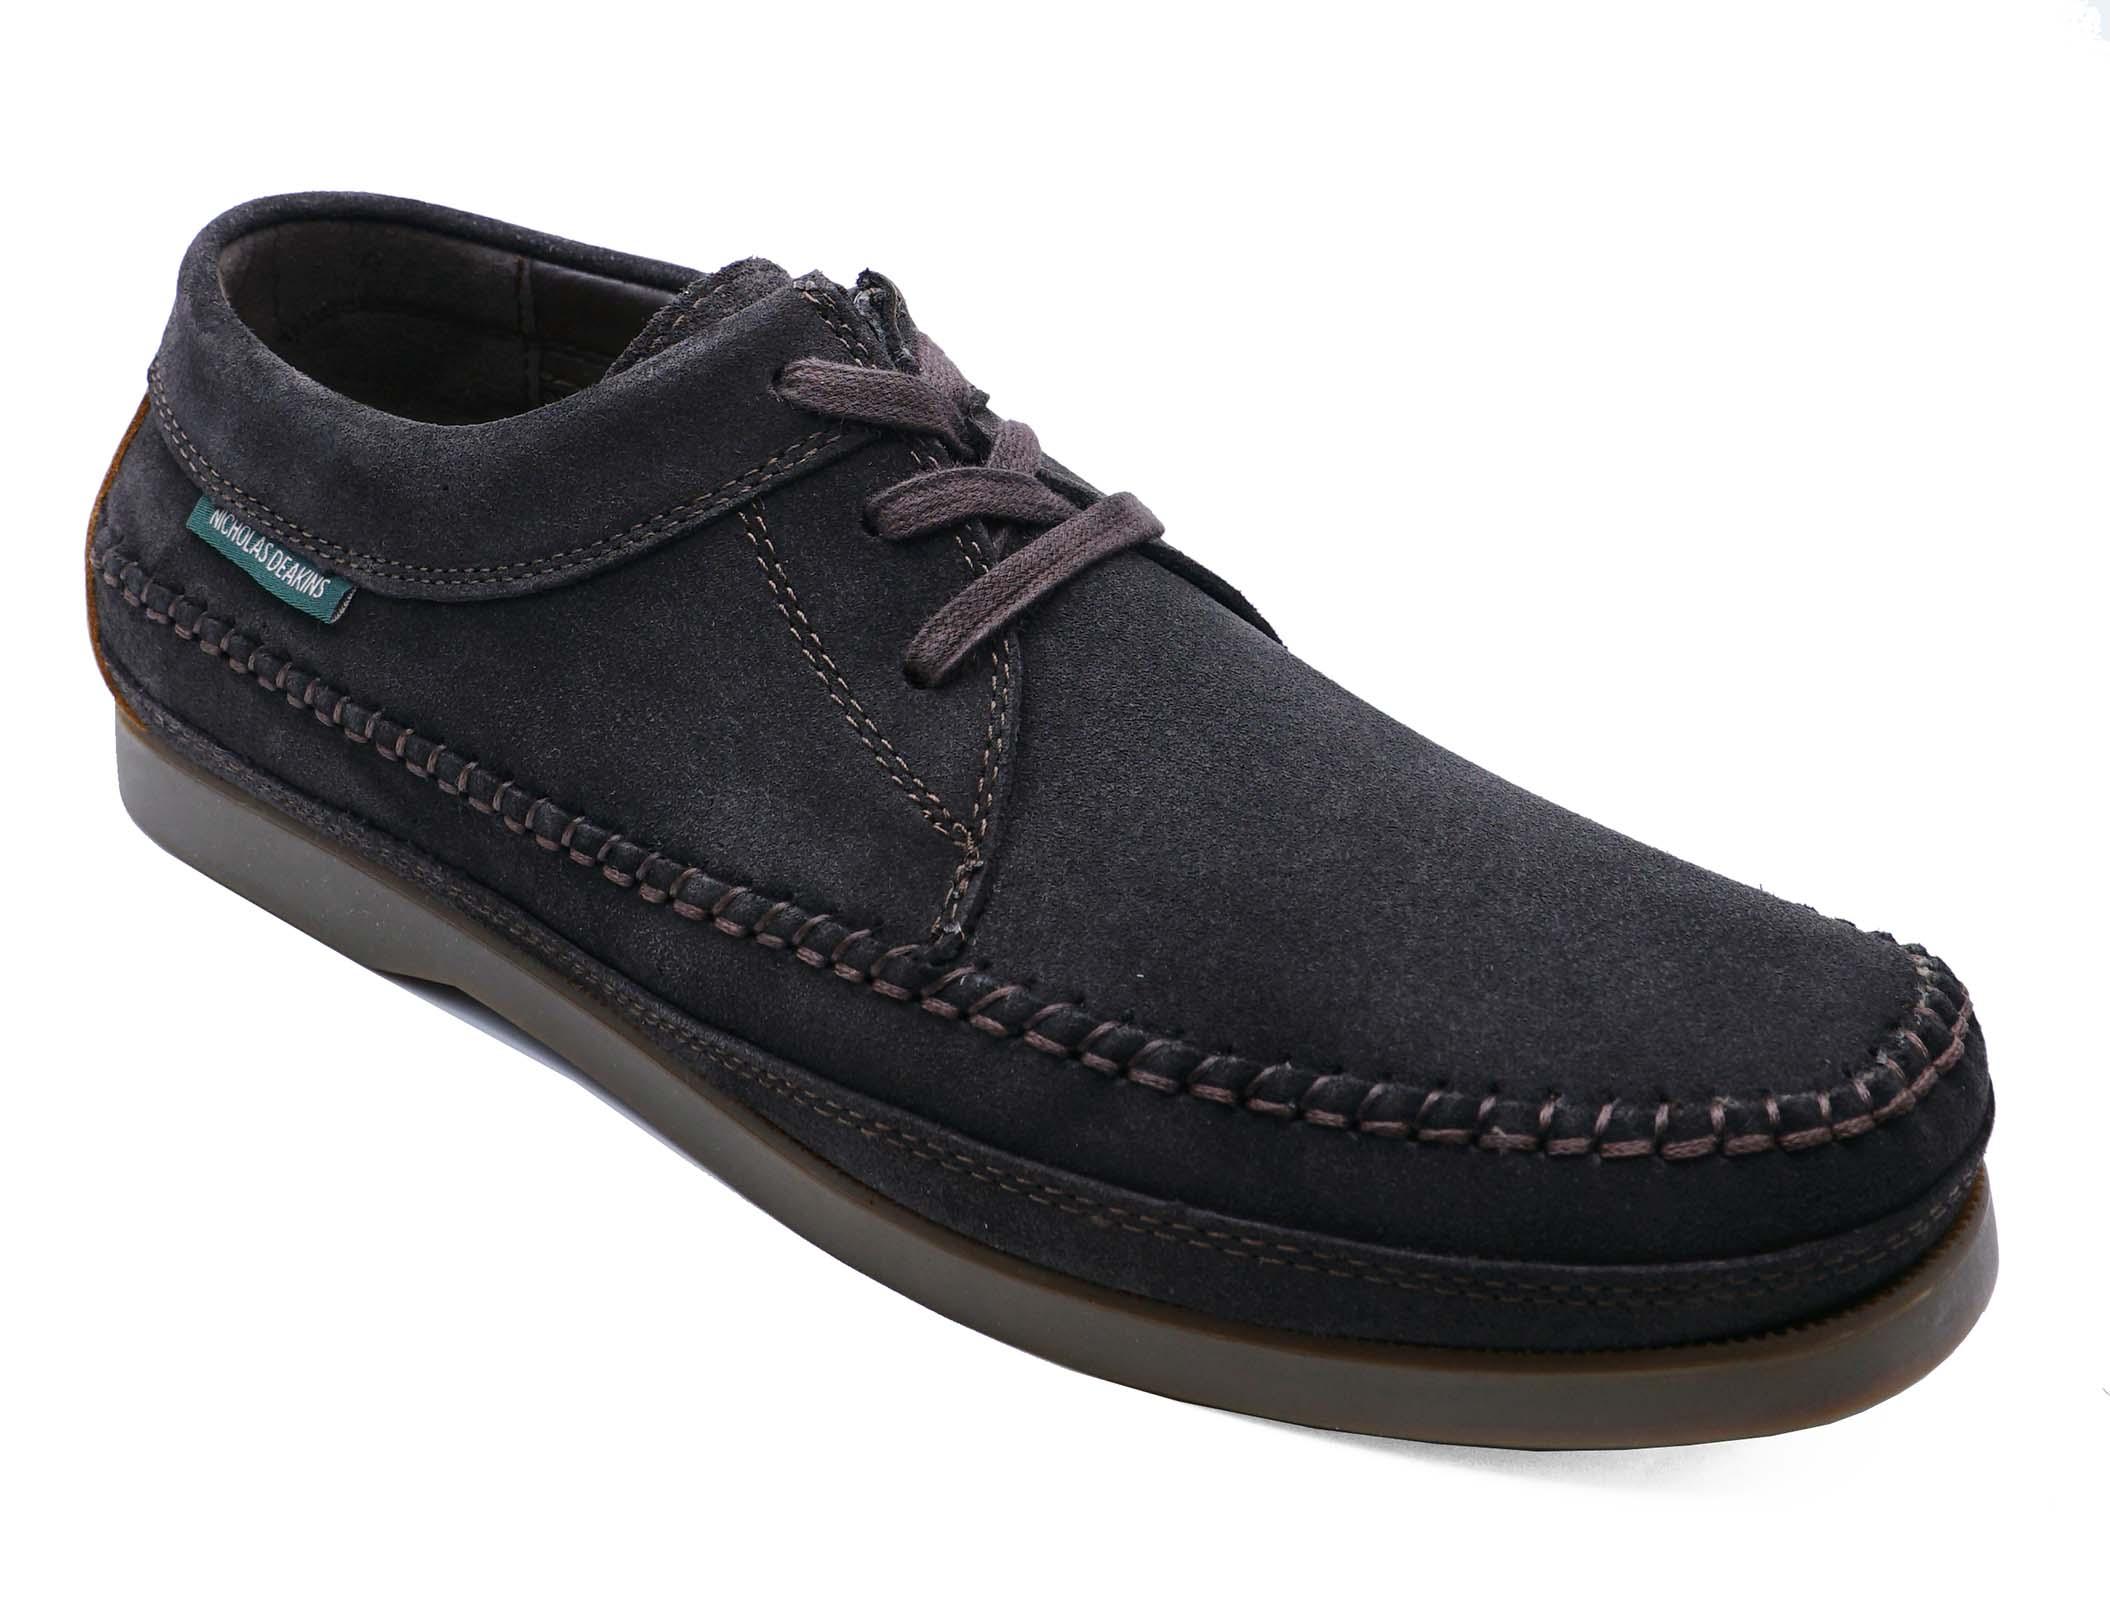 Suede Uk Shoes Brown 11 Comfy 6 up Lace Mens Driving Moccasins Nicholas Deakins TRq51xpvw